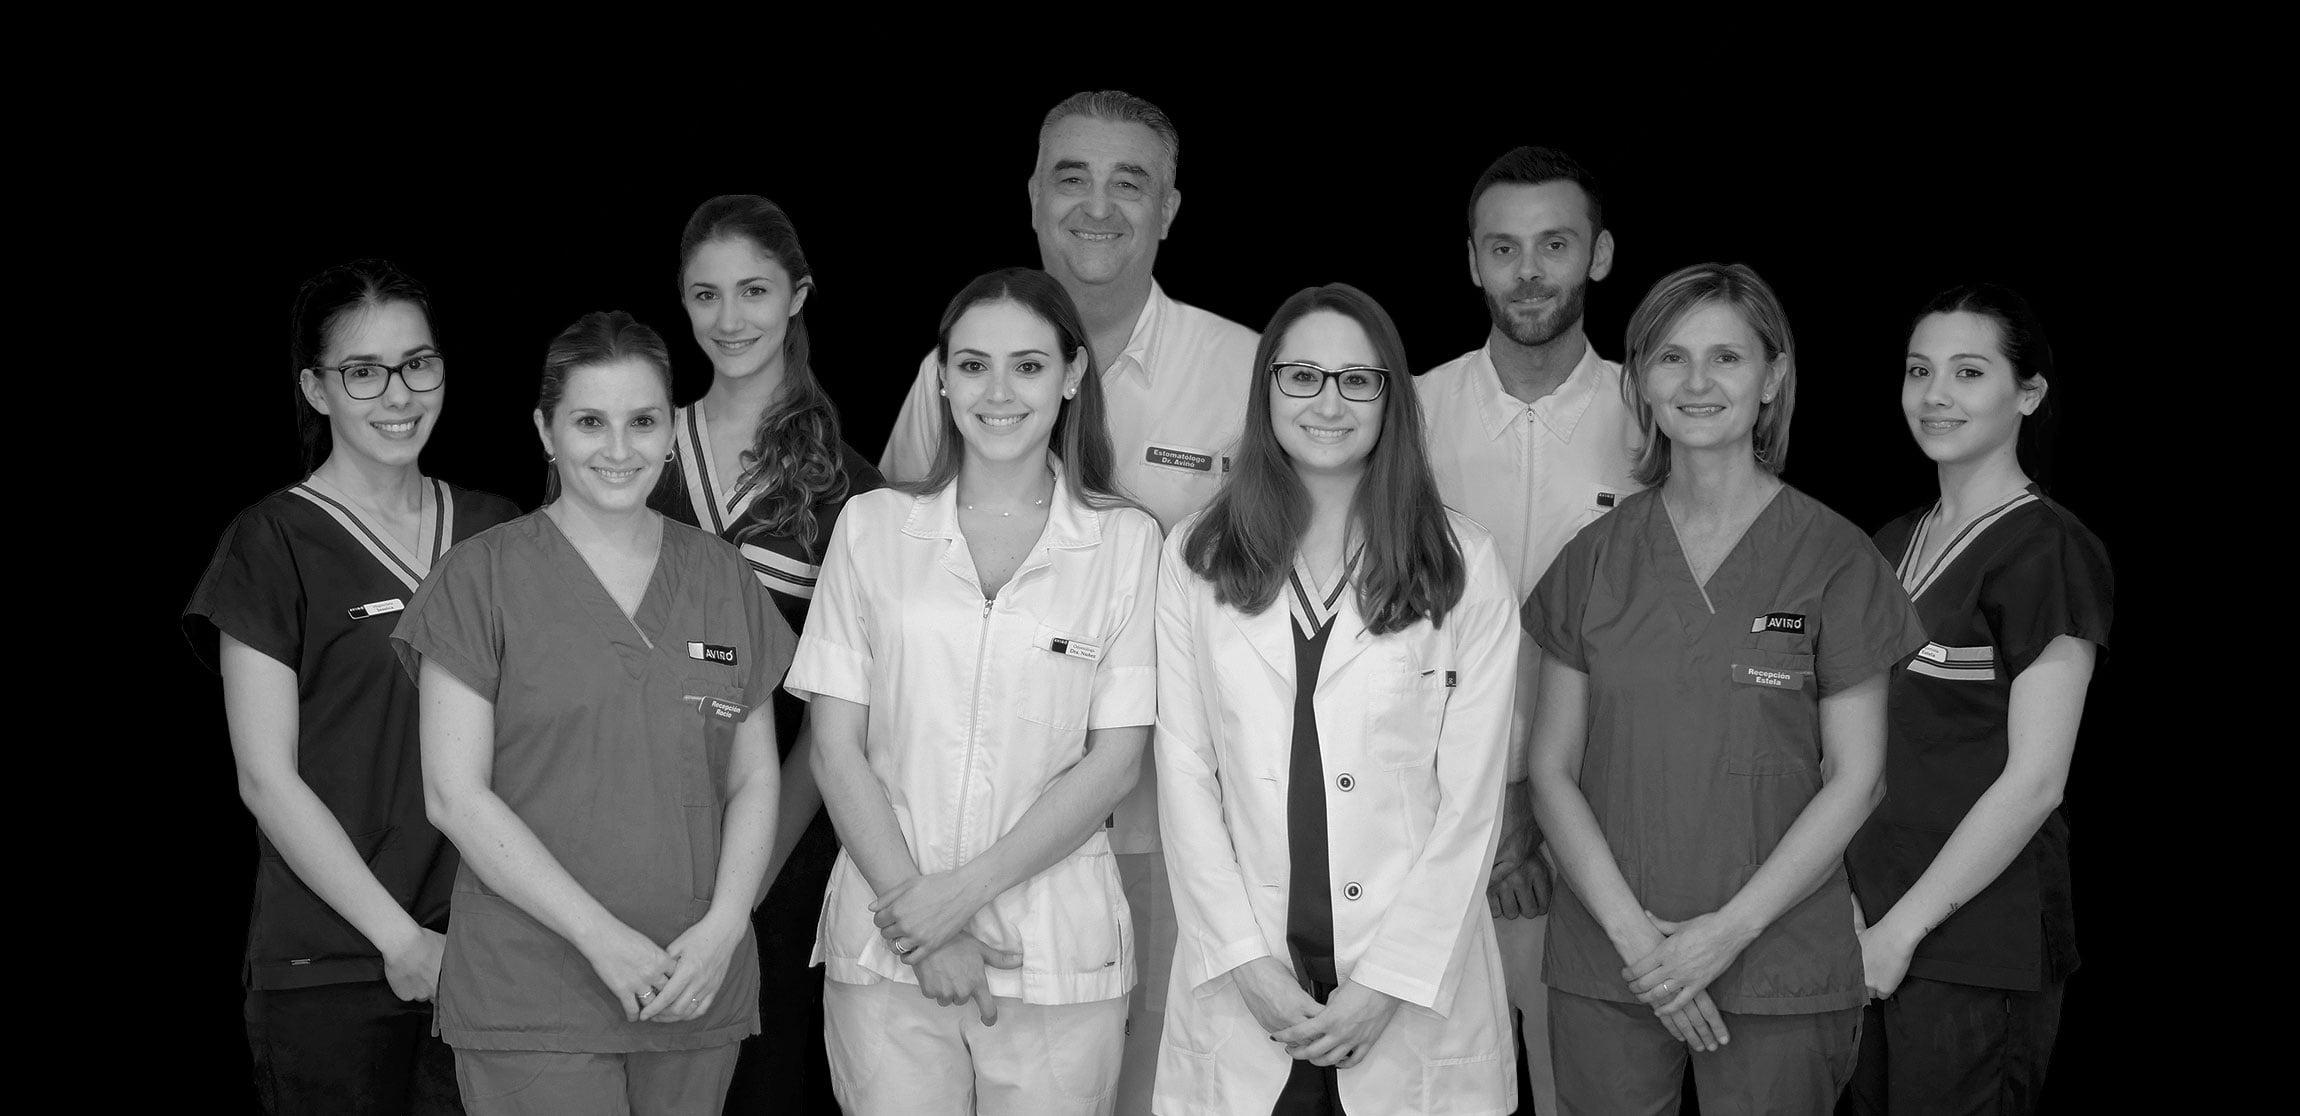 equipo clínica